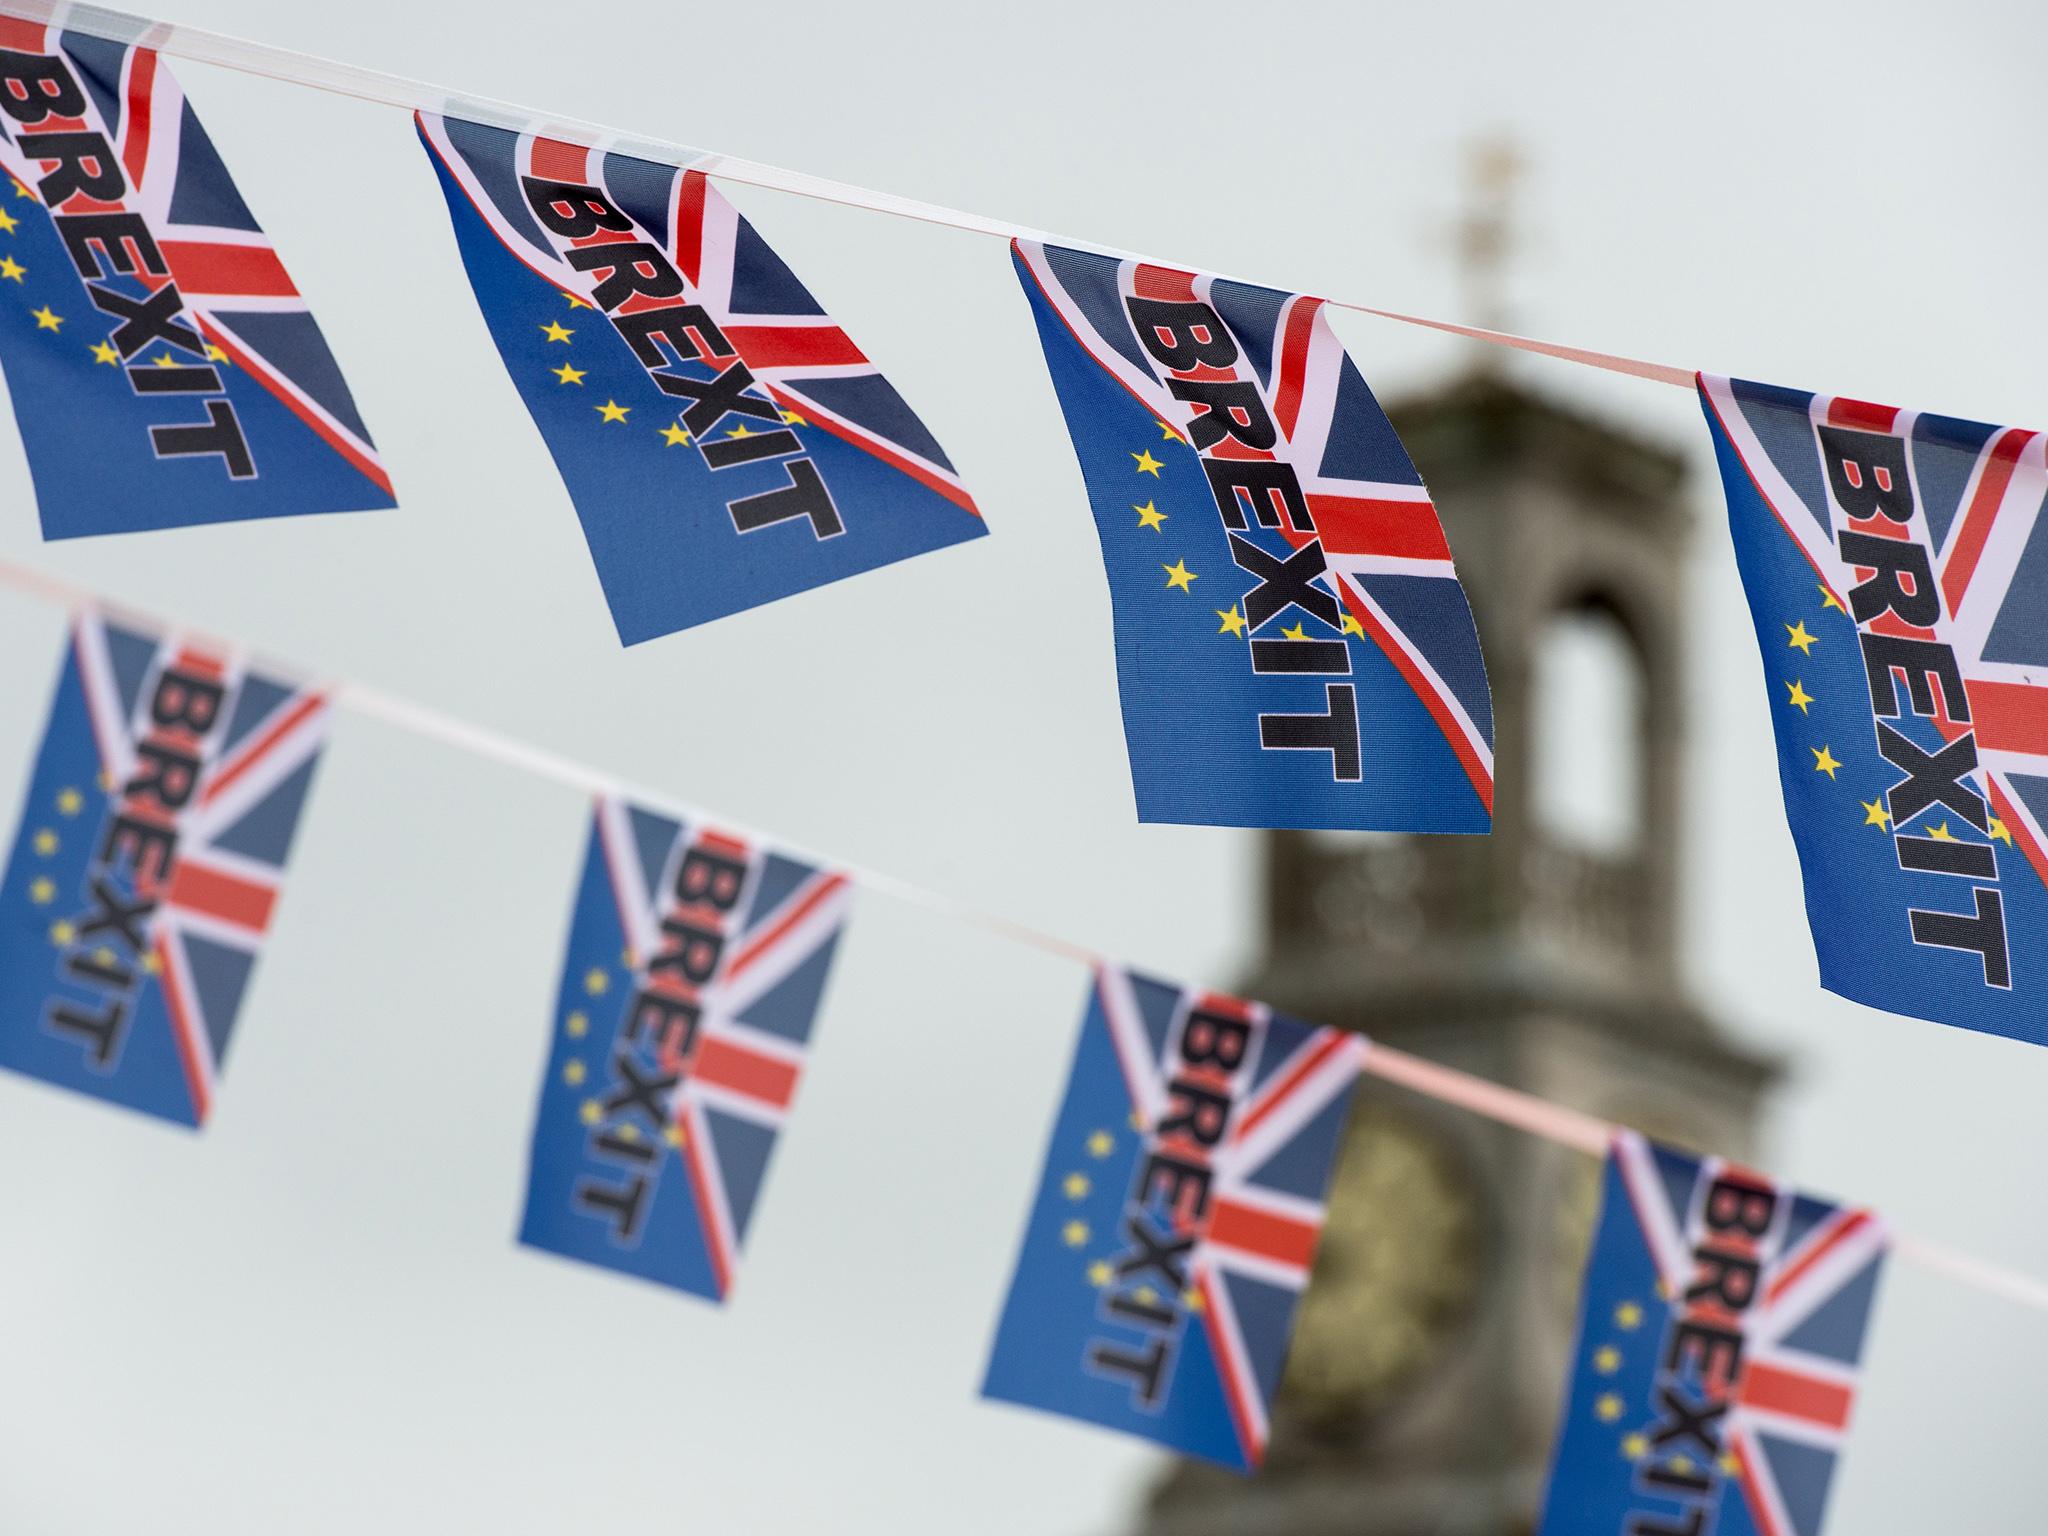 Pro-Brexit flags